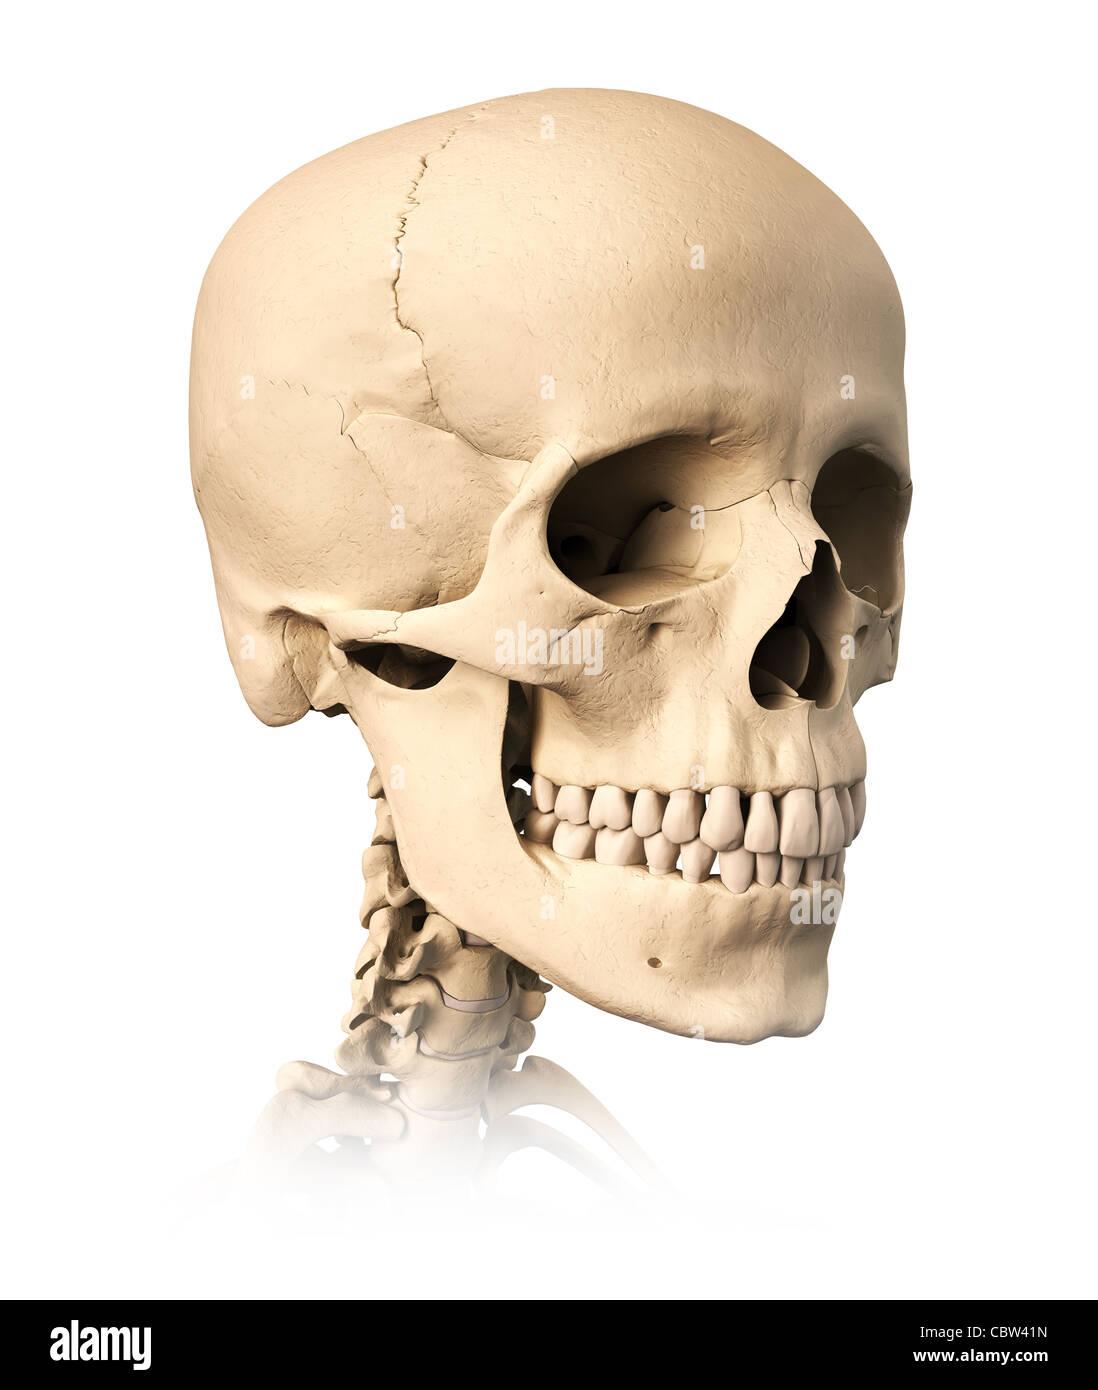 Sehr ausführlich und wissenschaftlich korrekt menschlichen Schädel ...